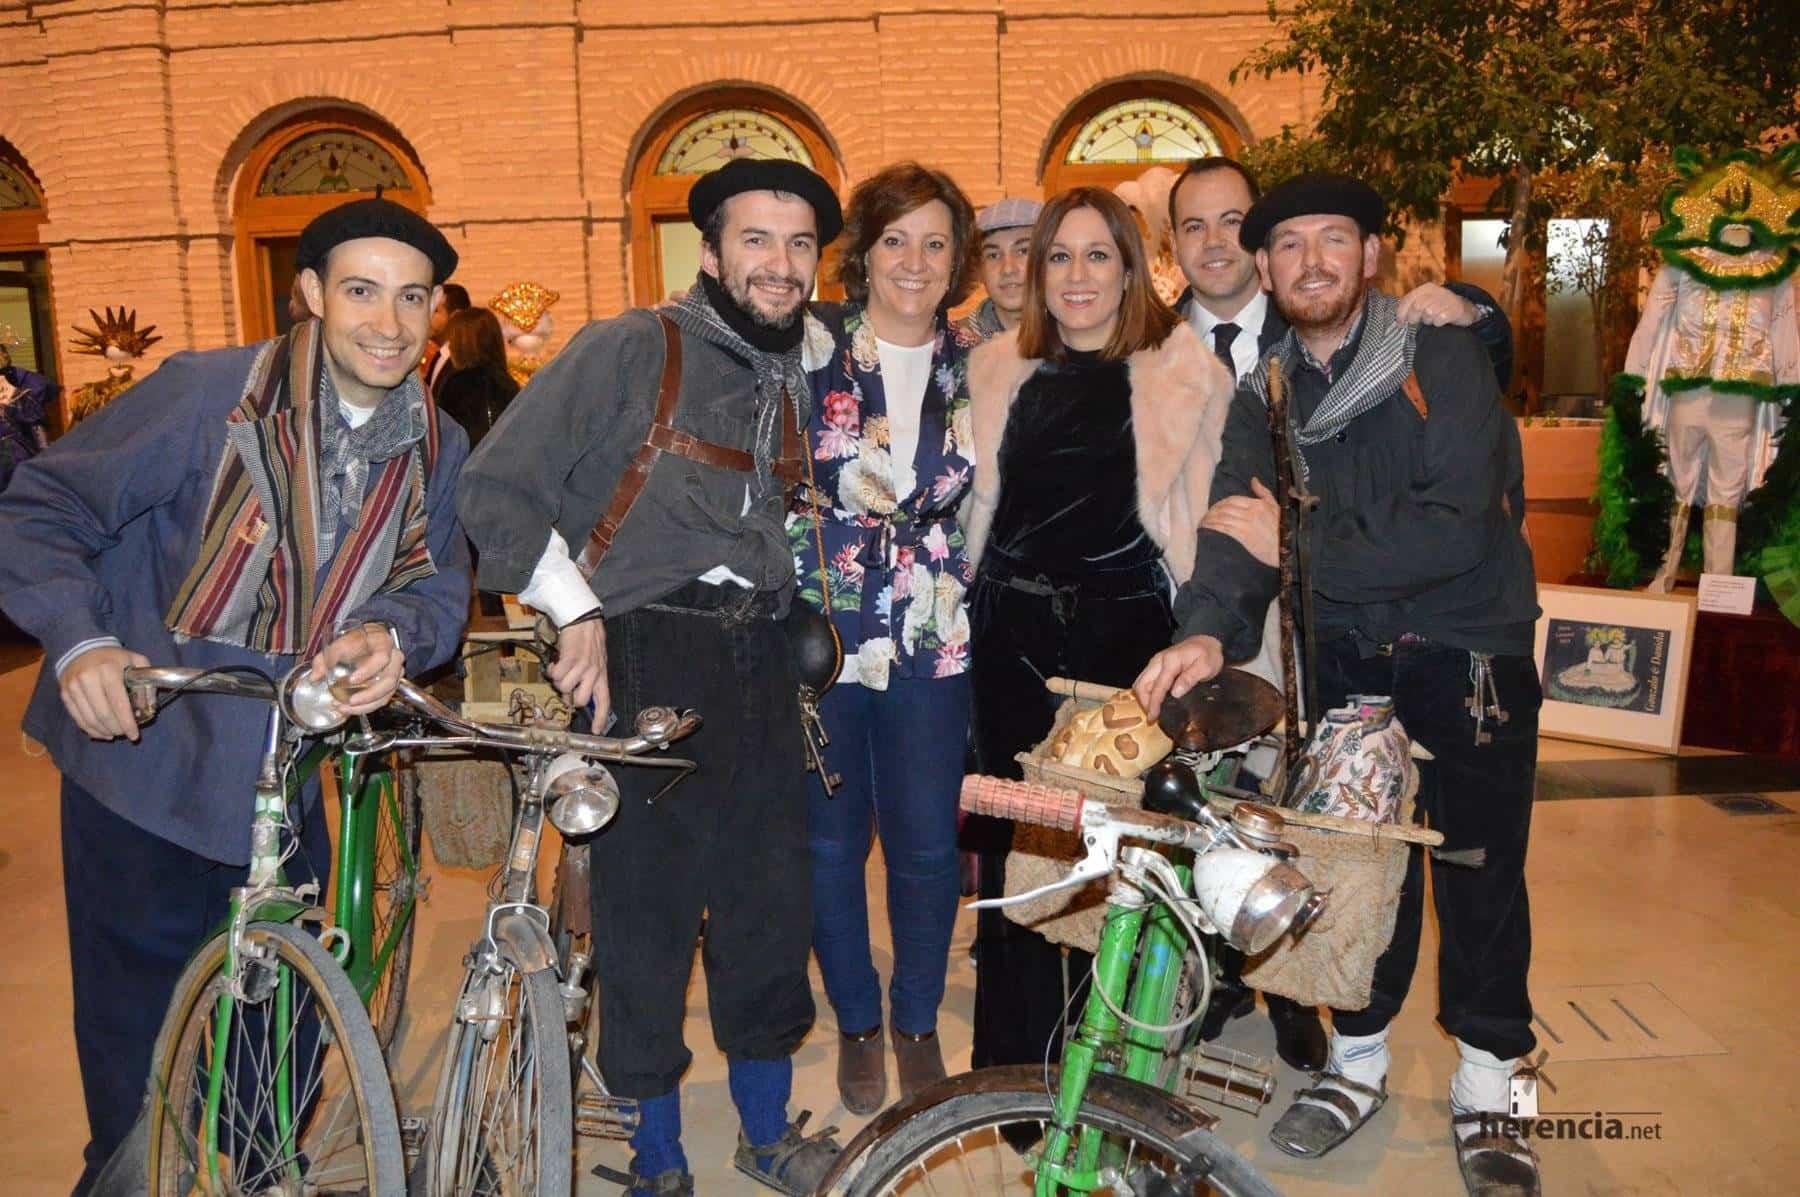 carnaval de herencia patricia franco clm 3 - Patricia Franco, Consejera de Economía de la Junta en el Carnaval de Herencia